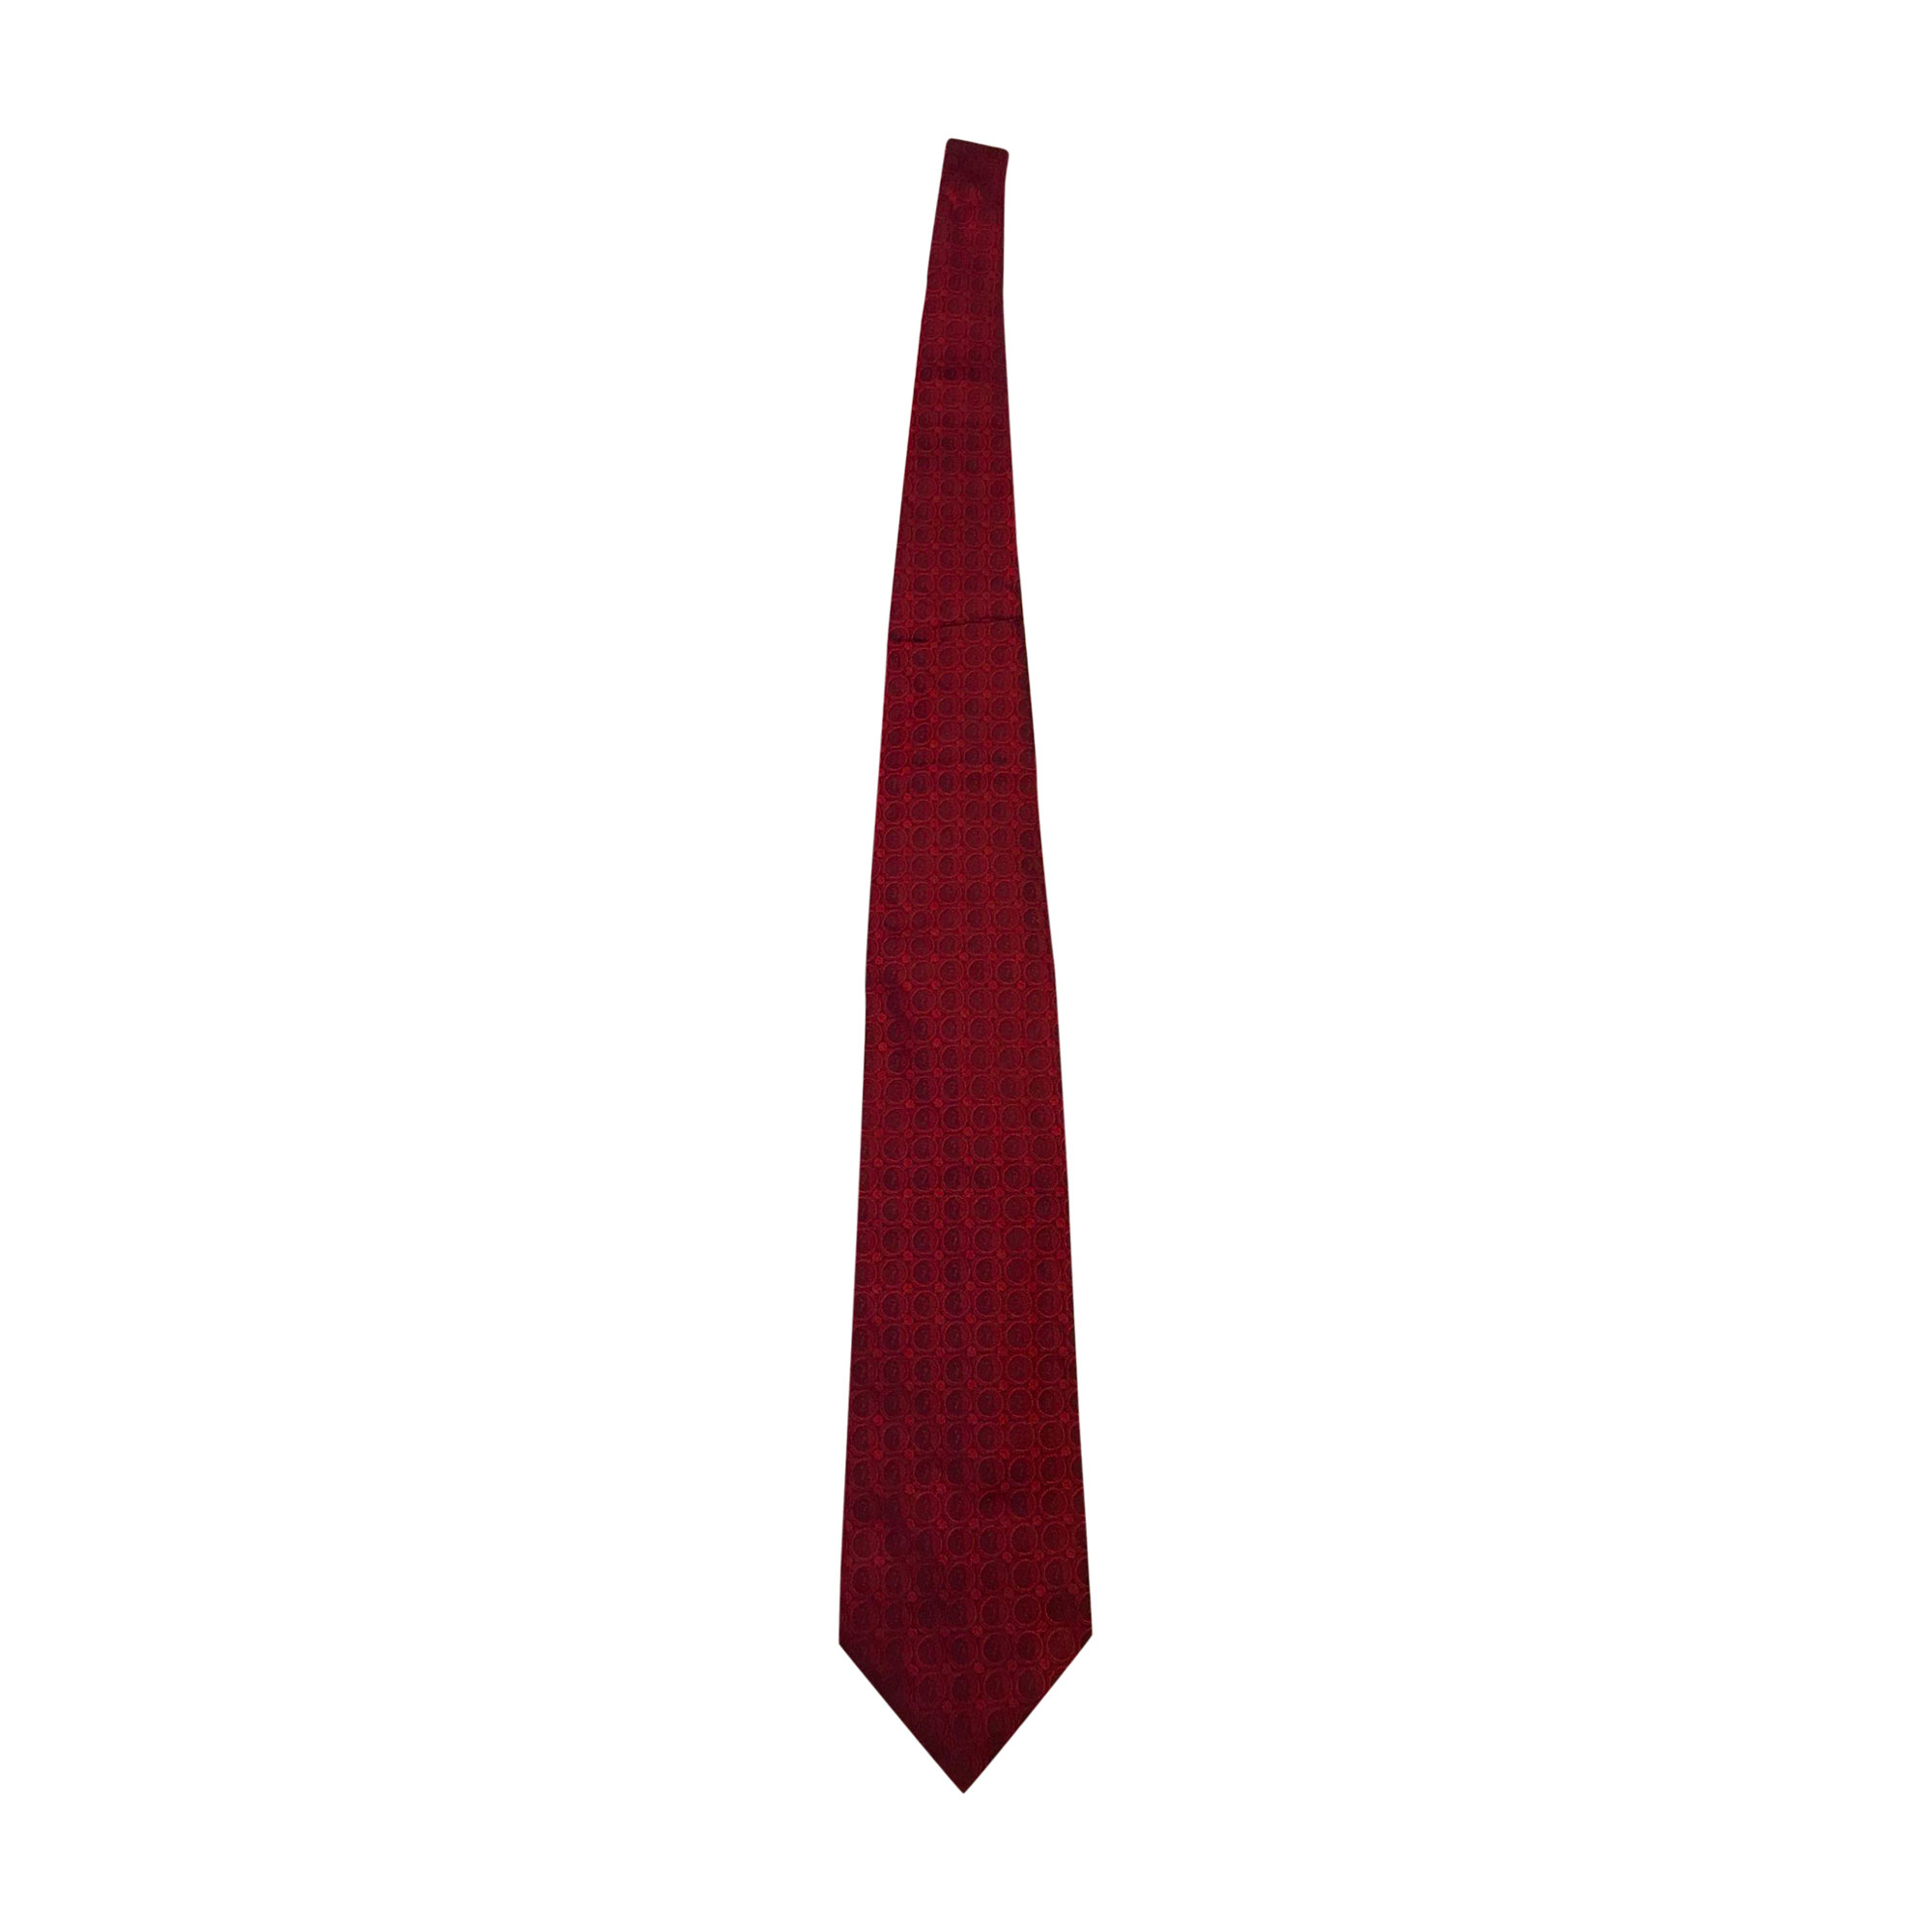 Cravate GIVENCHY Rouge, bordeaux